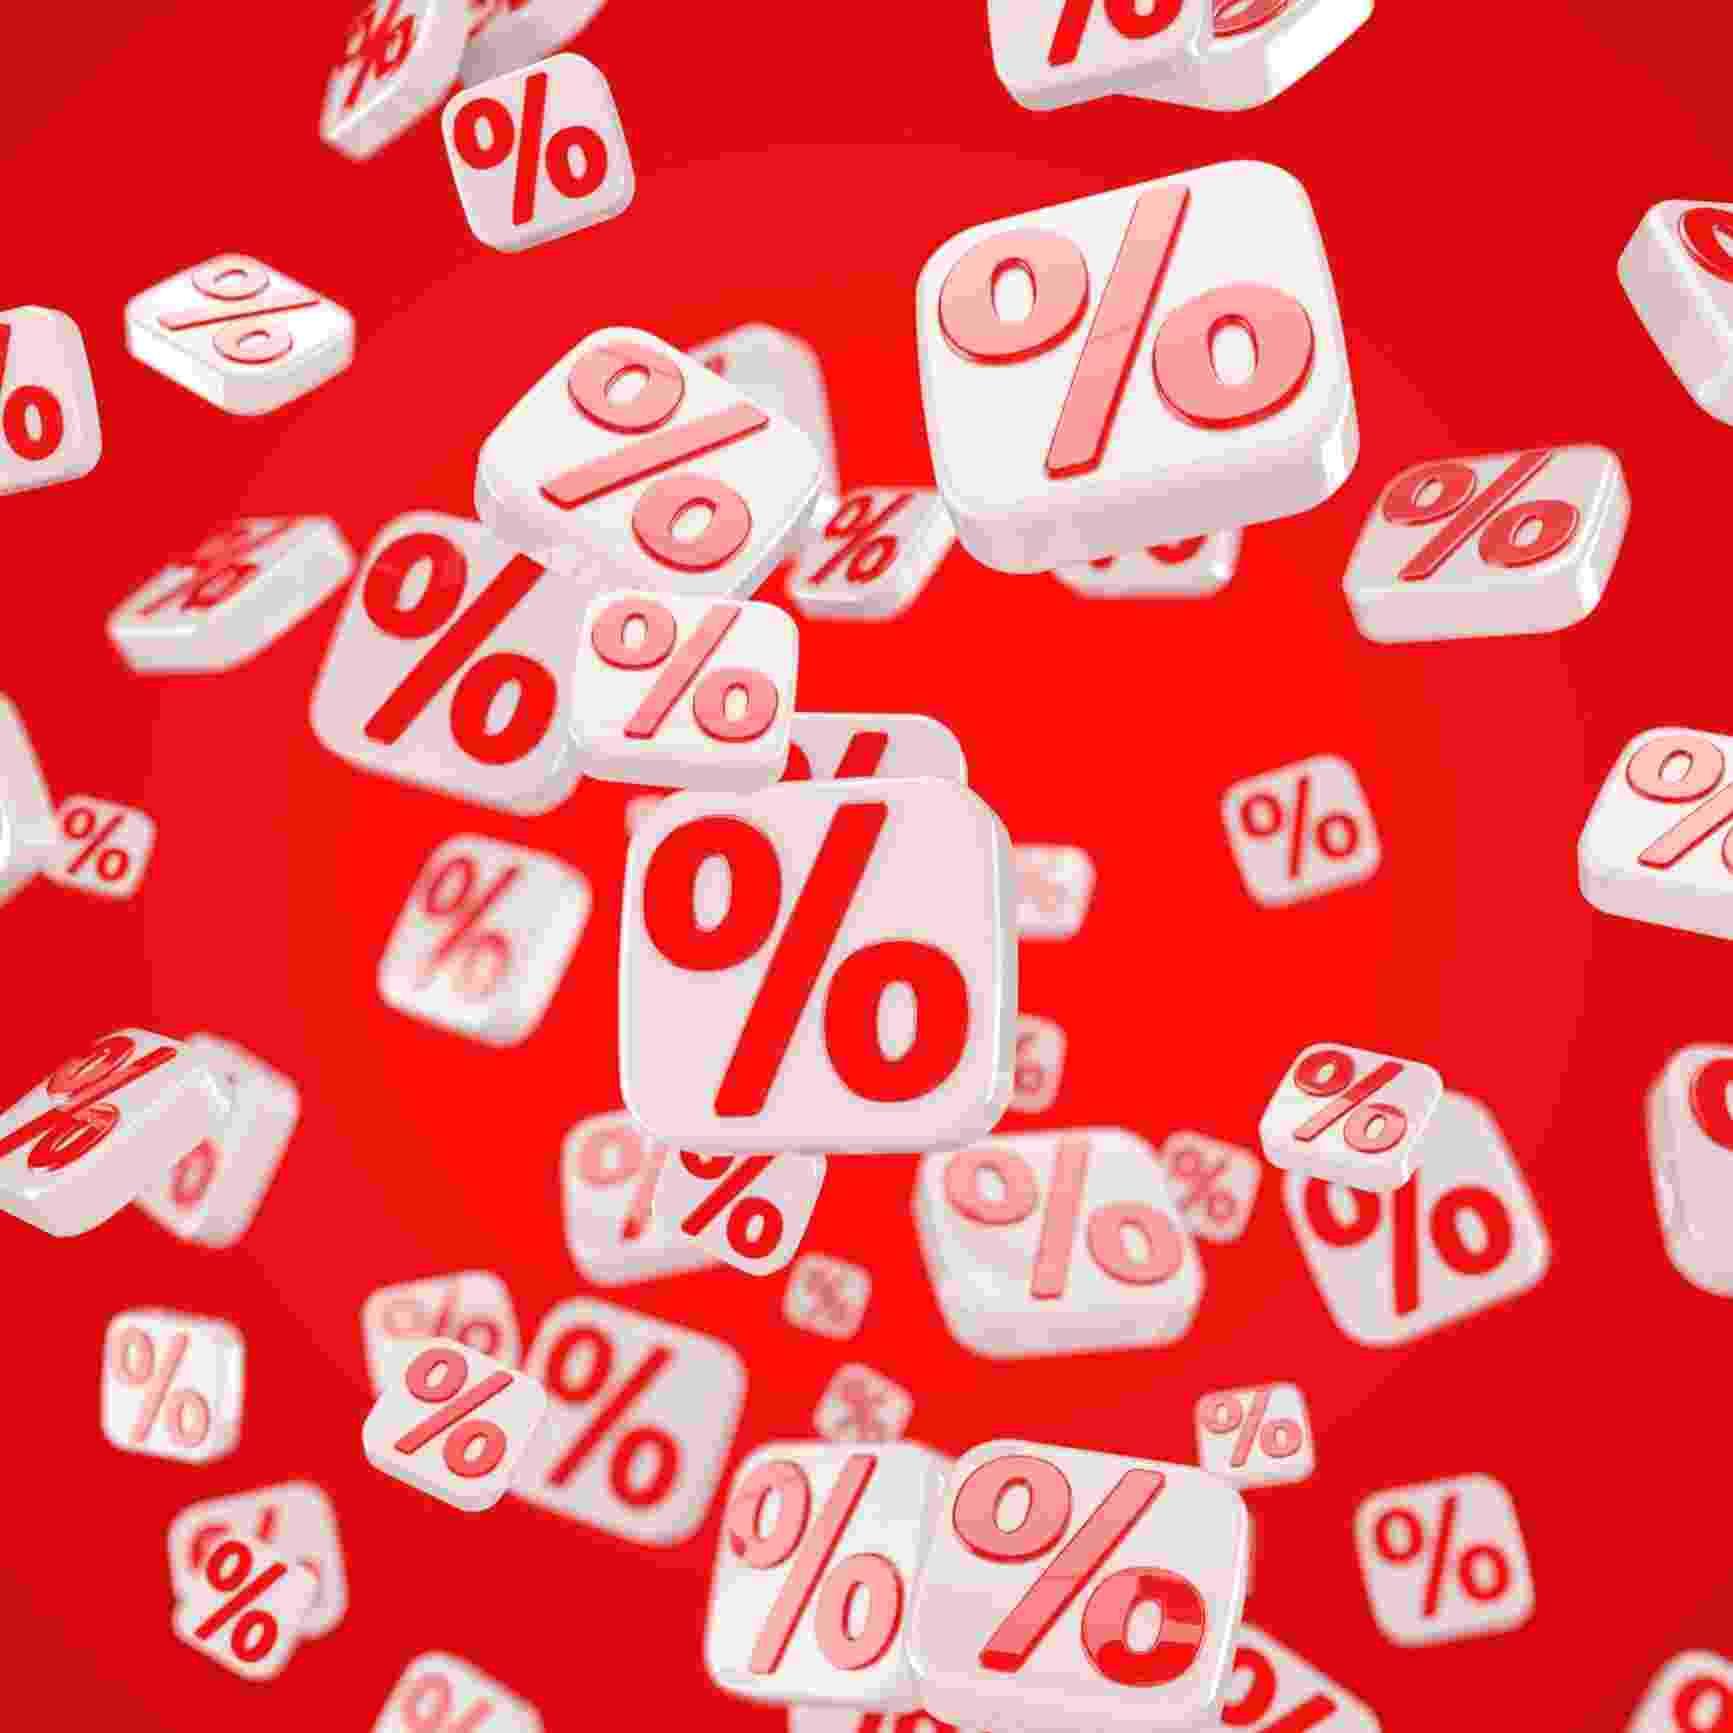 3014db13b49 Lojas fazem liquidação pós-Natal e prometem até 70% de desconto ...